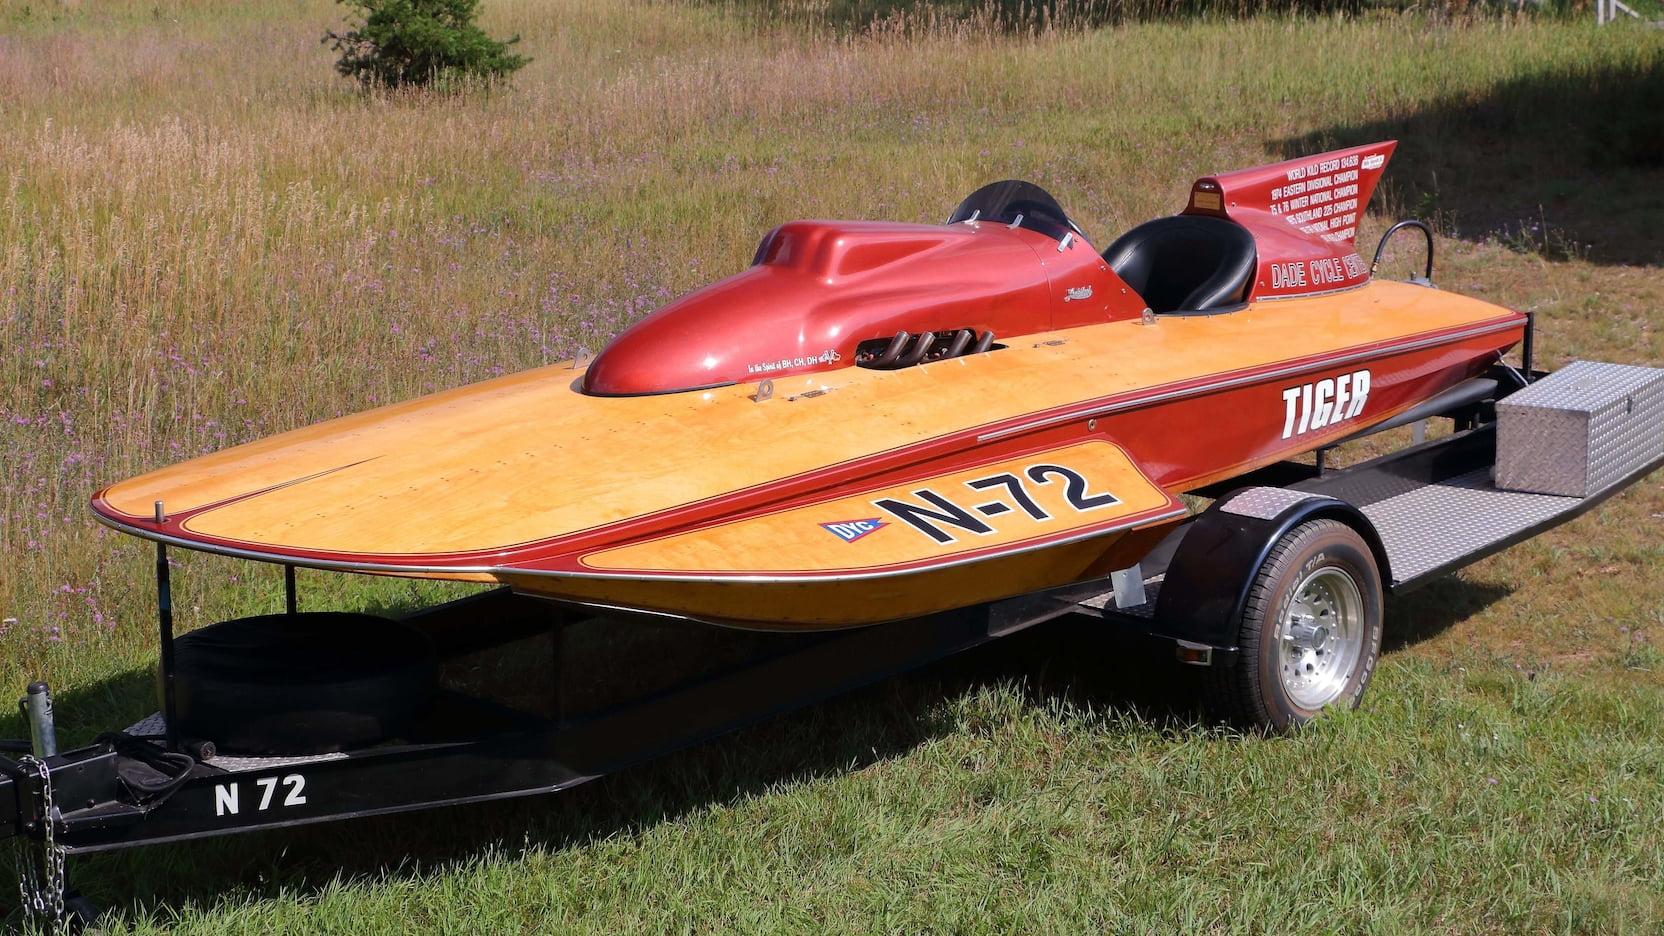 1975 Lauterbach 18' 'Tiger'